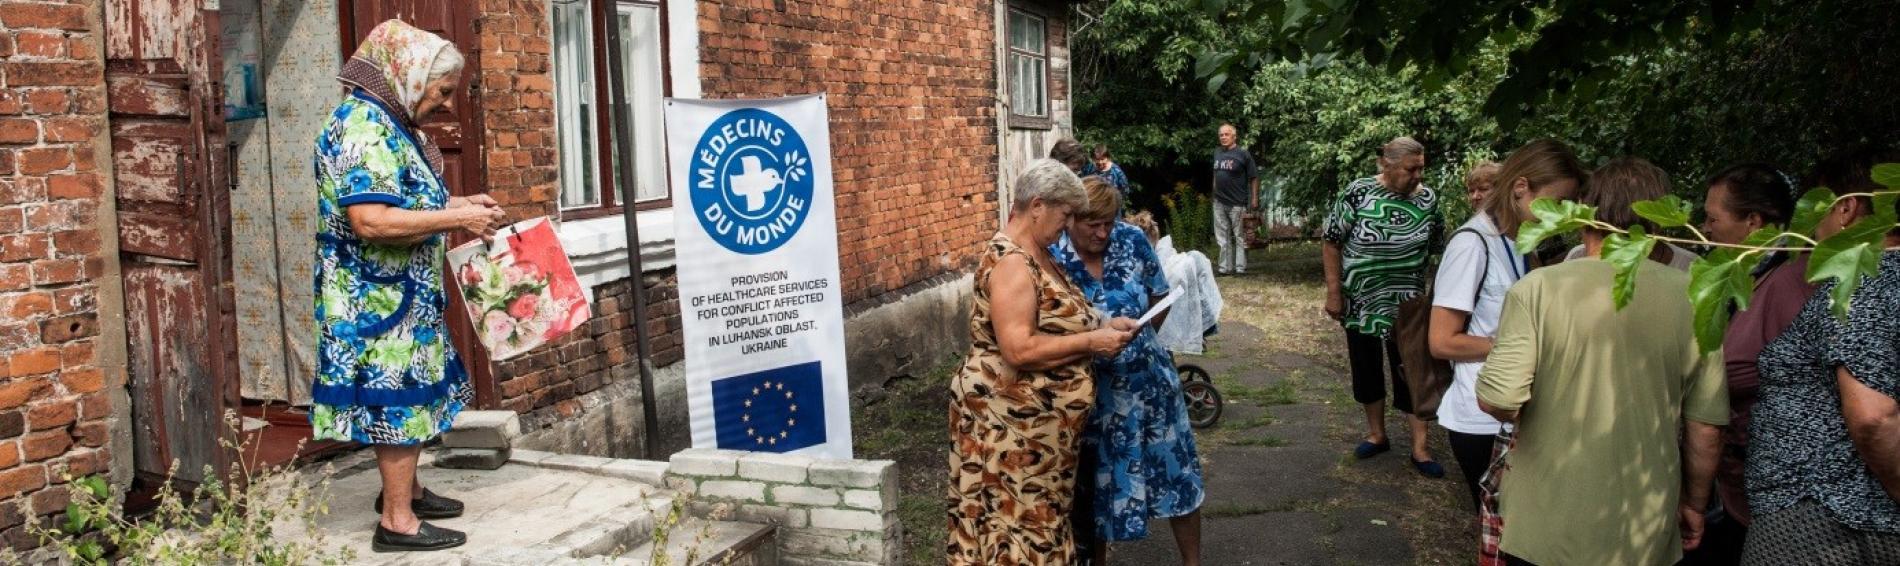 Gerade ältere Patienten sind auf die medizinische Hilfe von Ärzte der Welt angewiesen. Foto: Evgeniy Maloletka